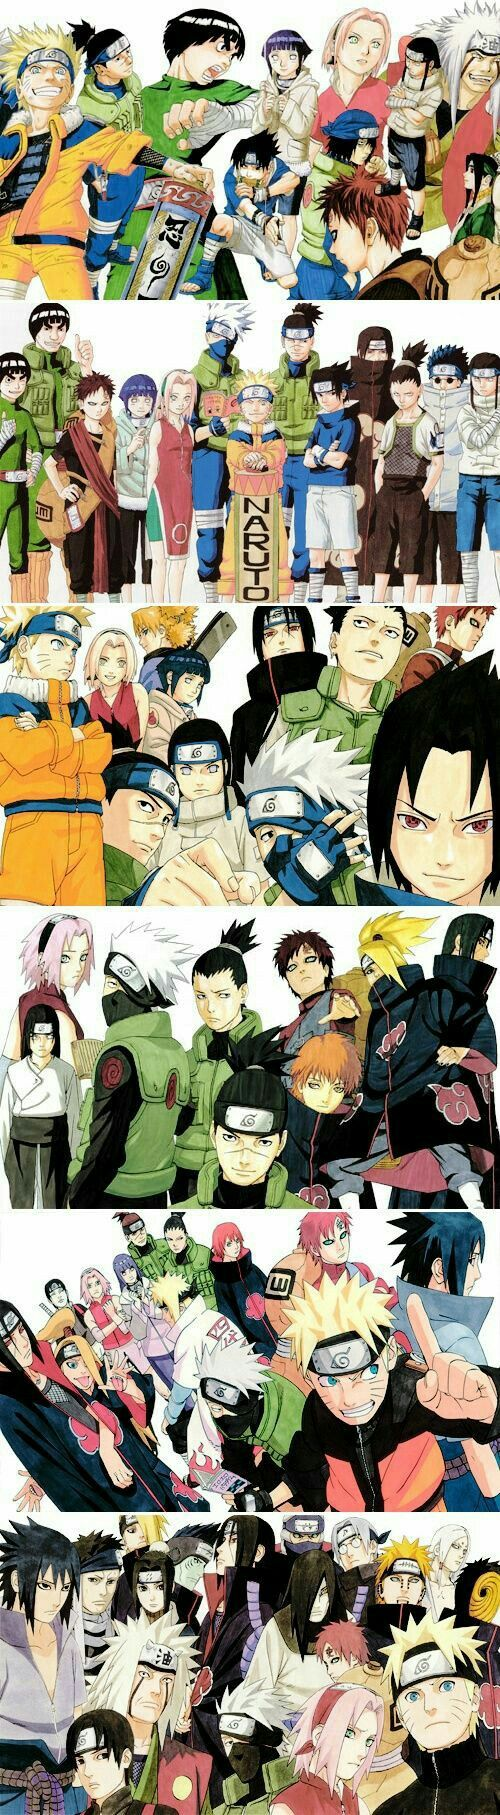 #naruto #sasuke #sakura #kakashi